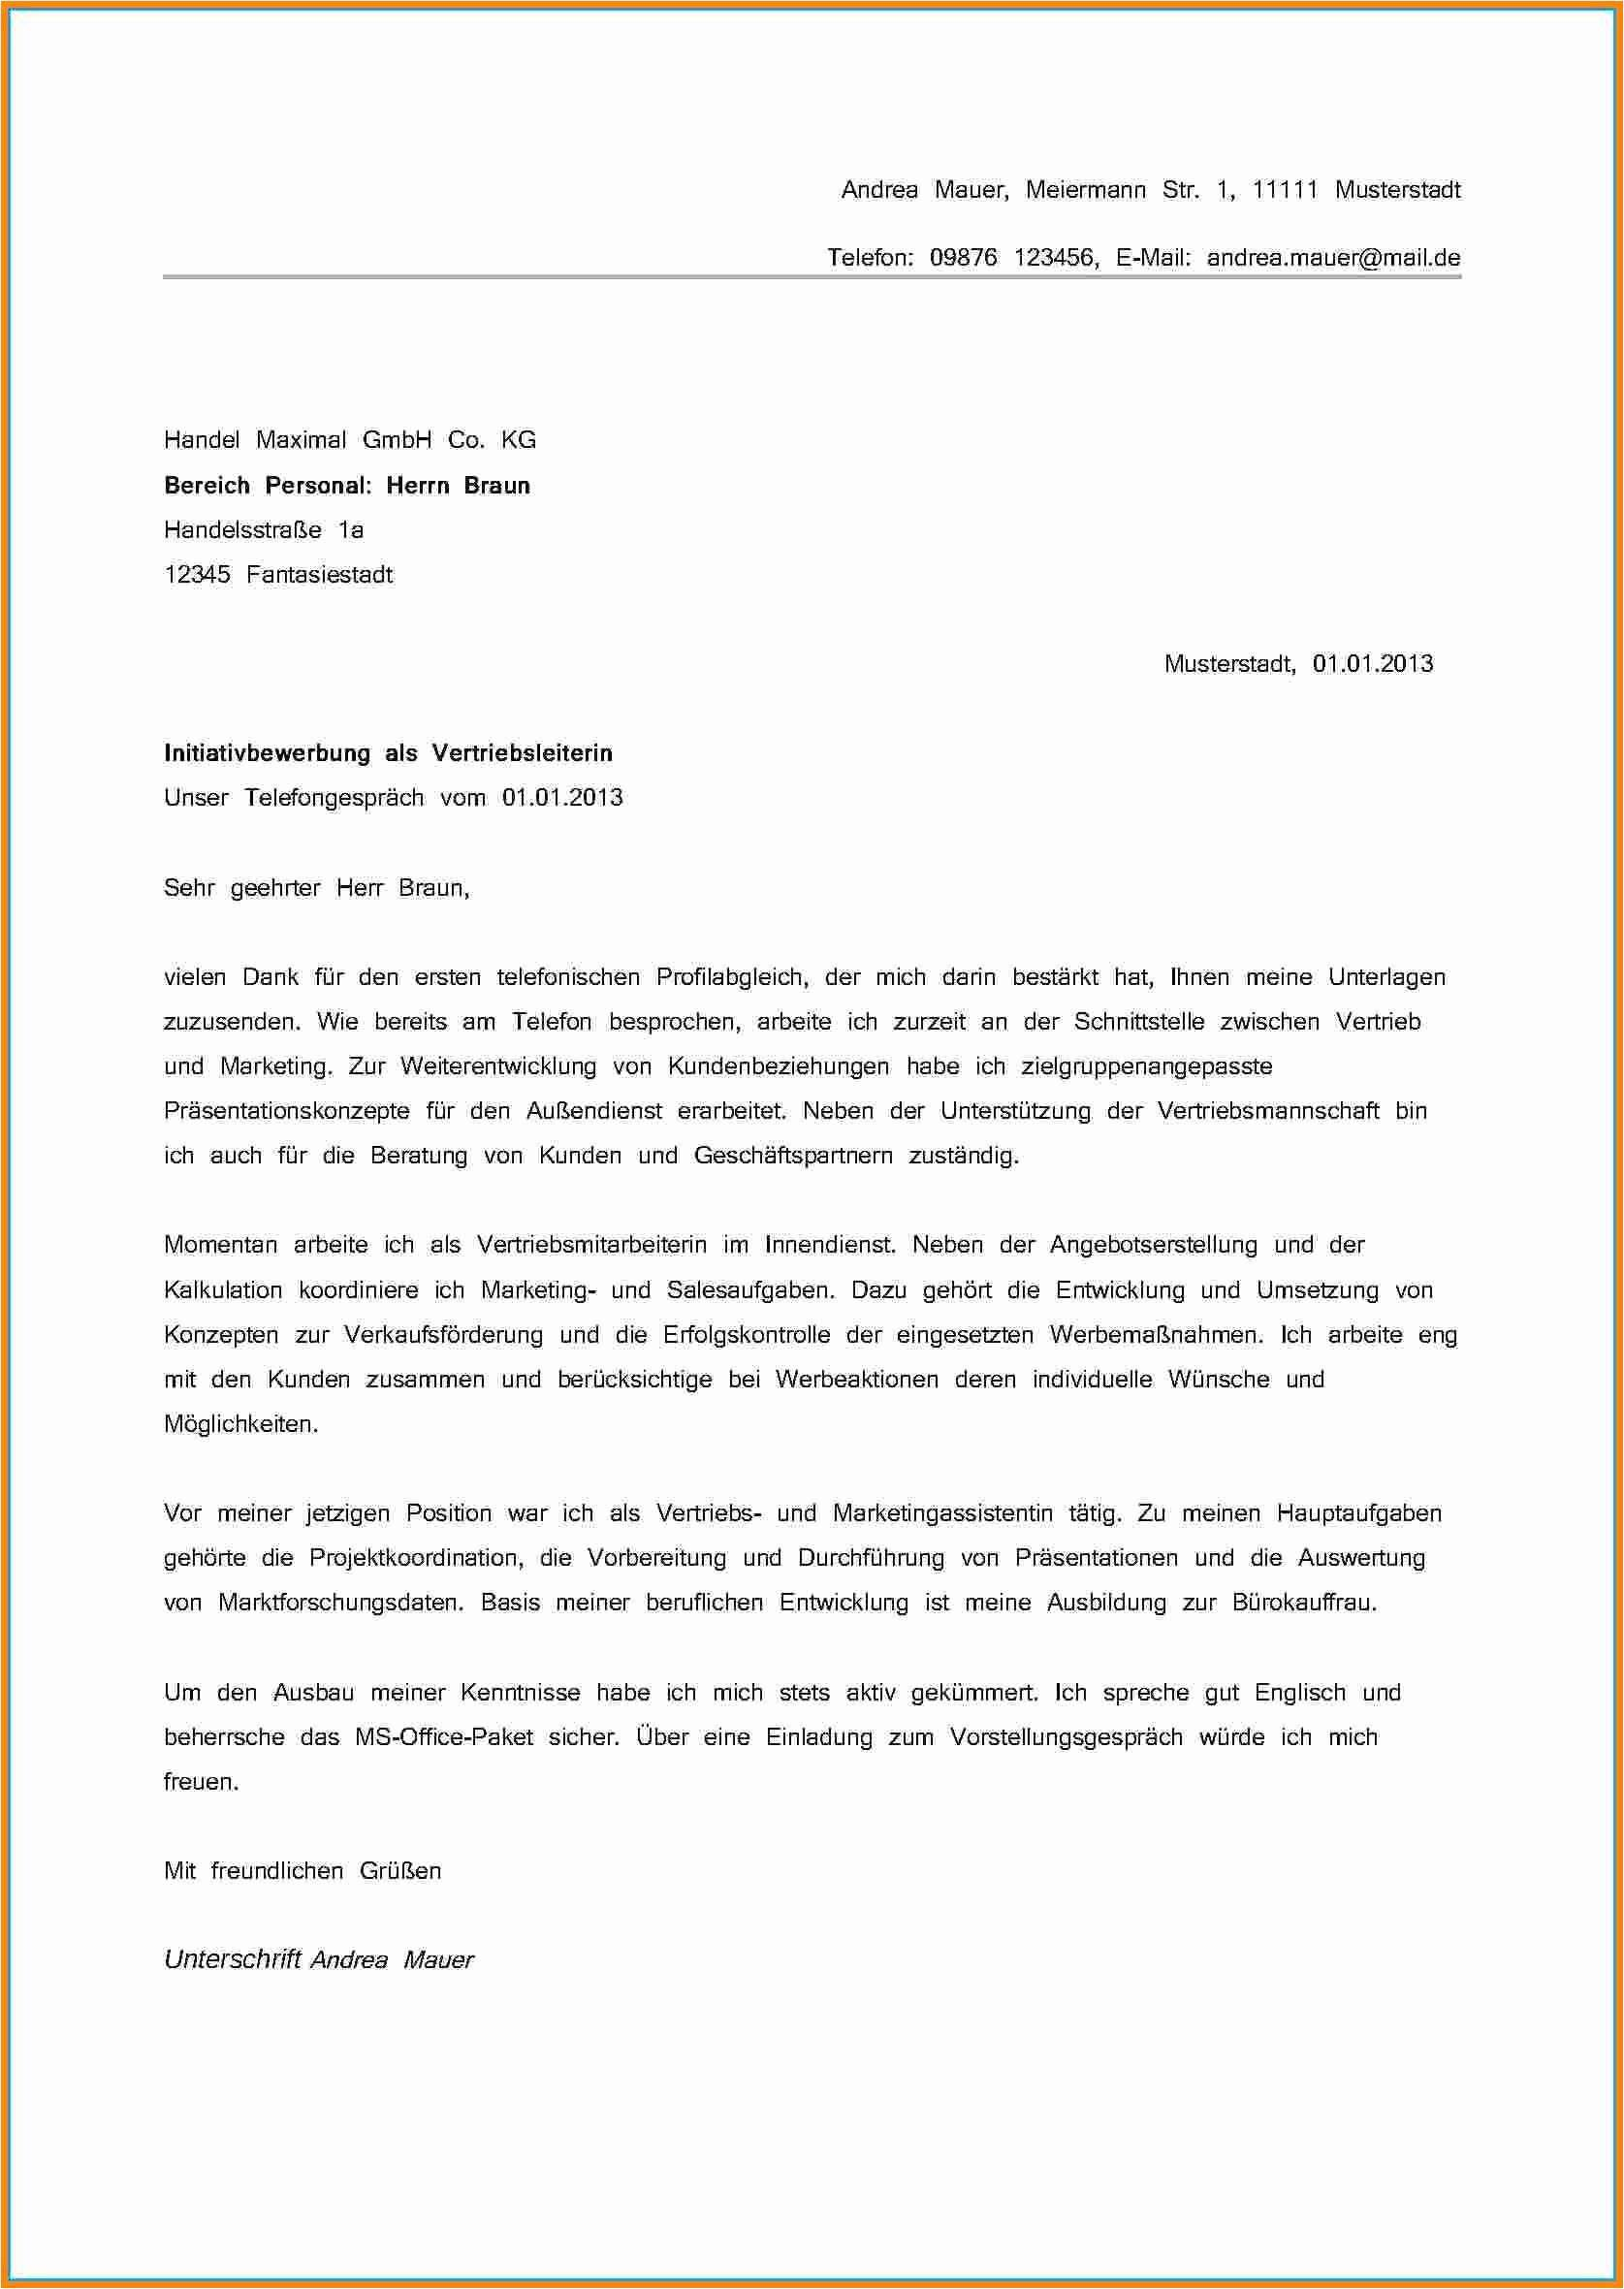 Primar Abstellgenehmigung Spedition Vorlage